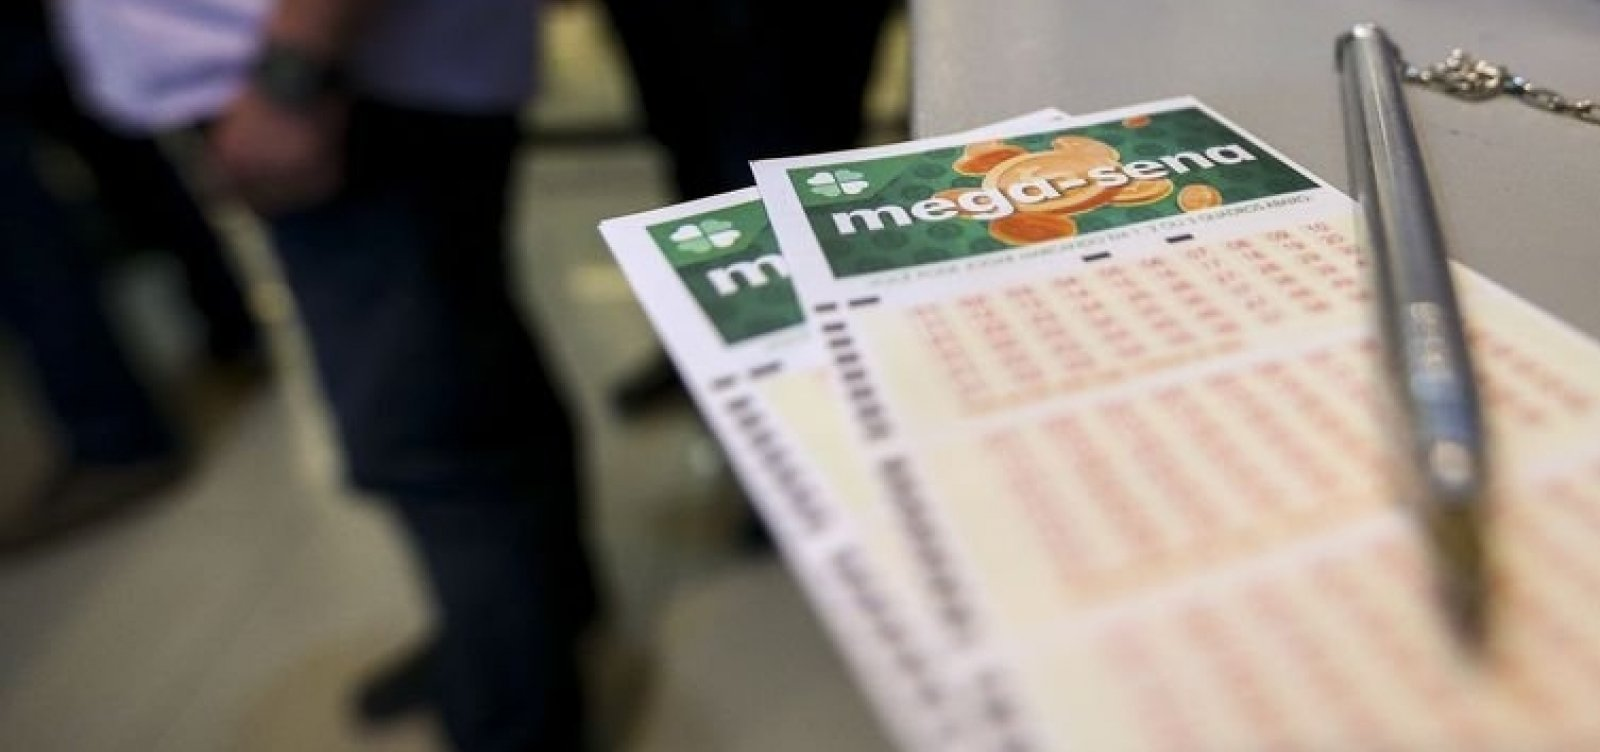 Bilhete vencedor dos R$ 289 milhões da Mega foi aposta de R$ 3,50